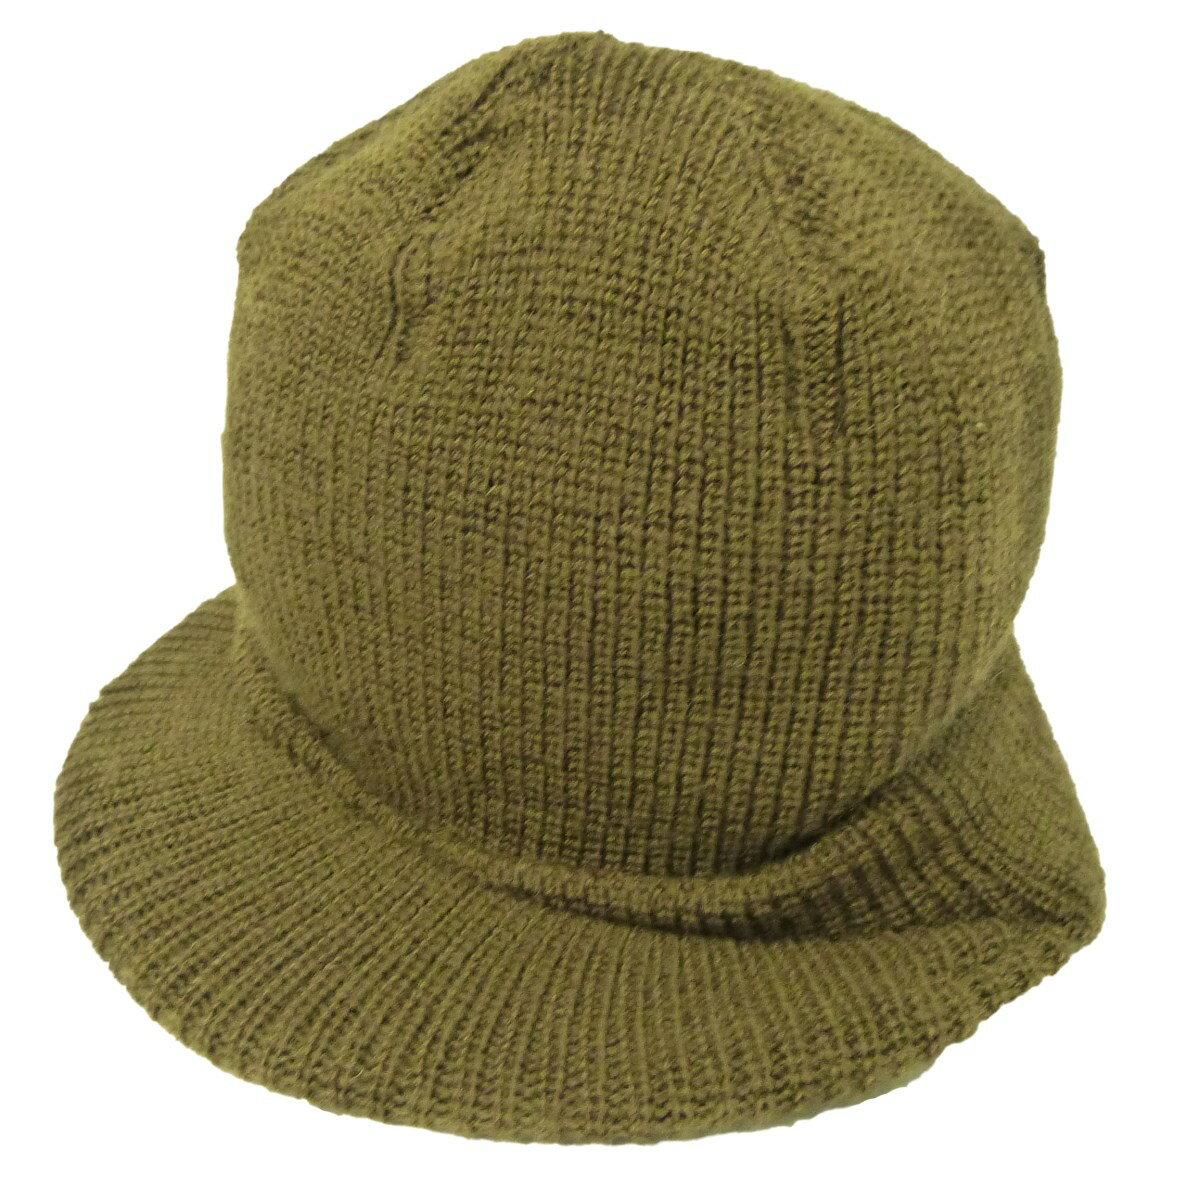 メンズ帽子, ニット帽 ATLAST CO - 150620